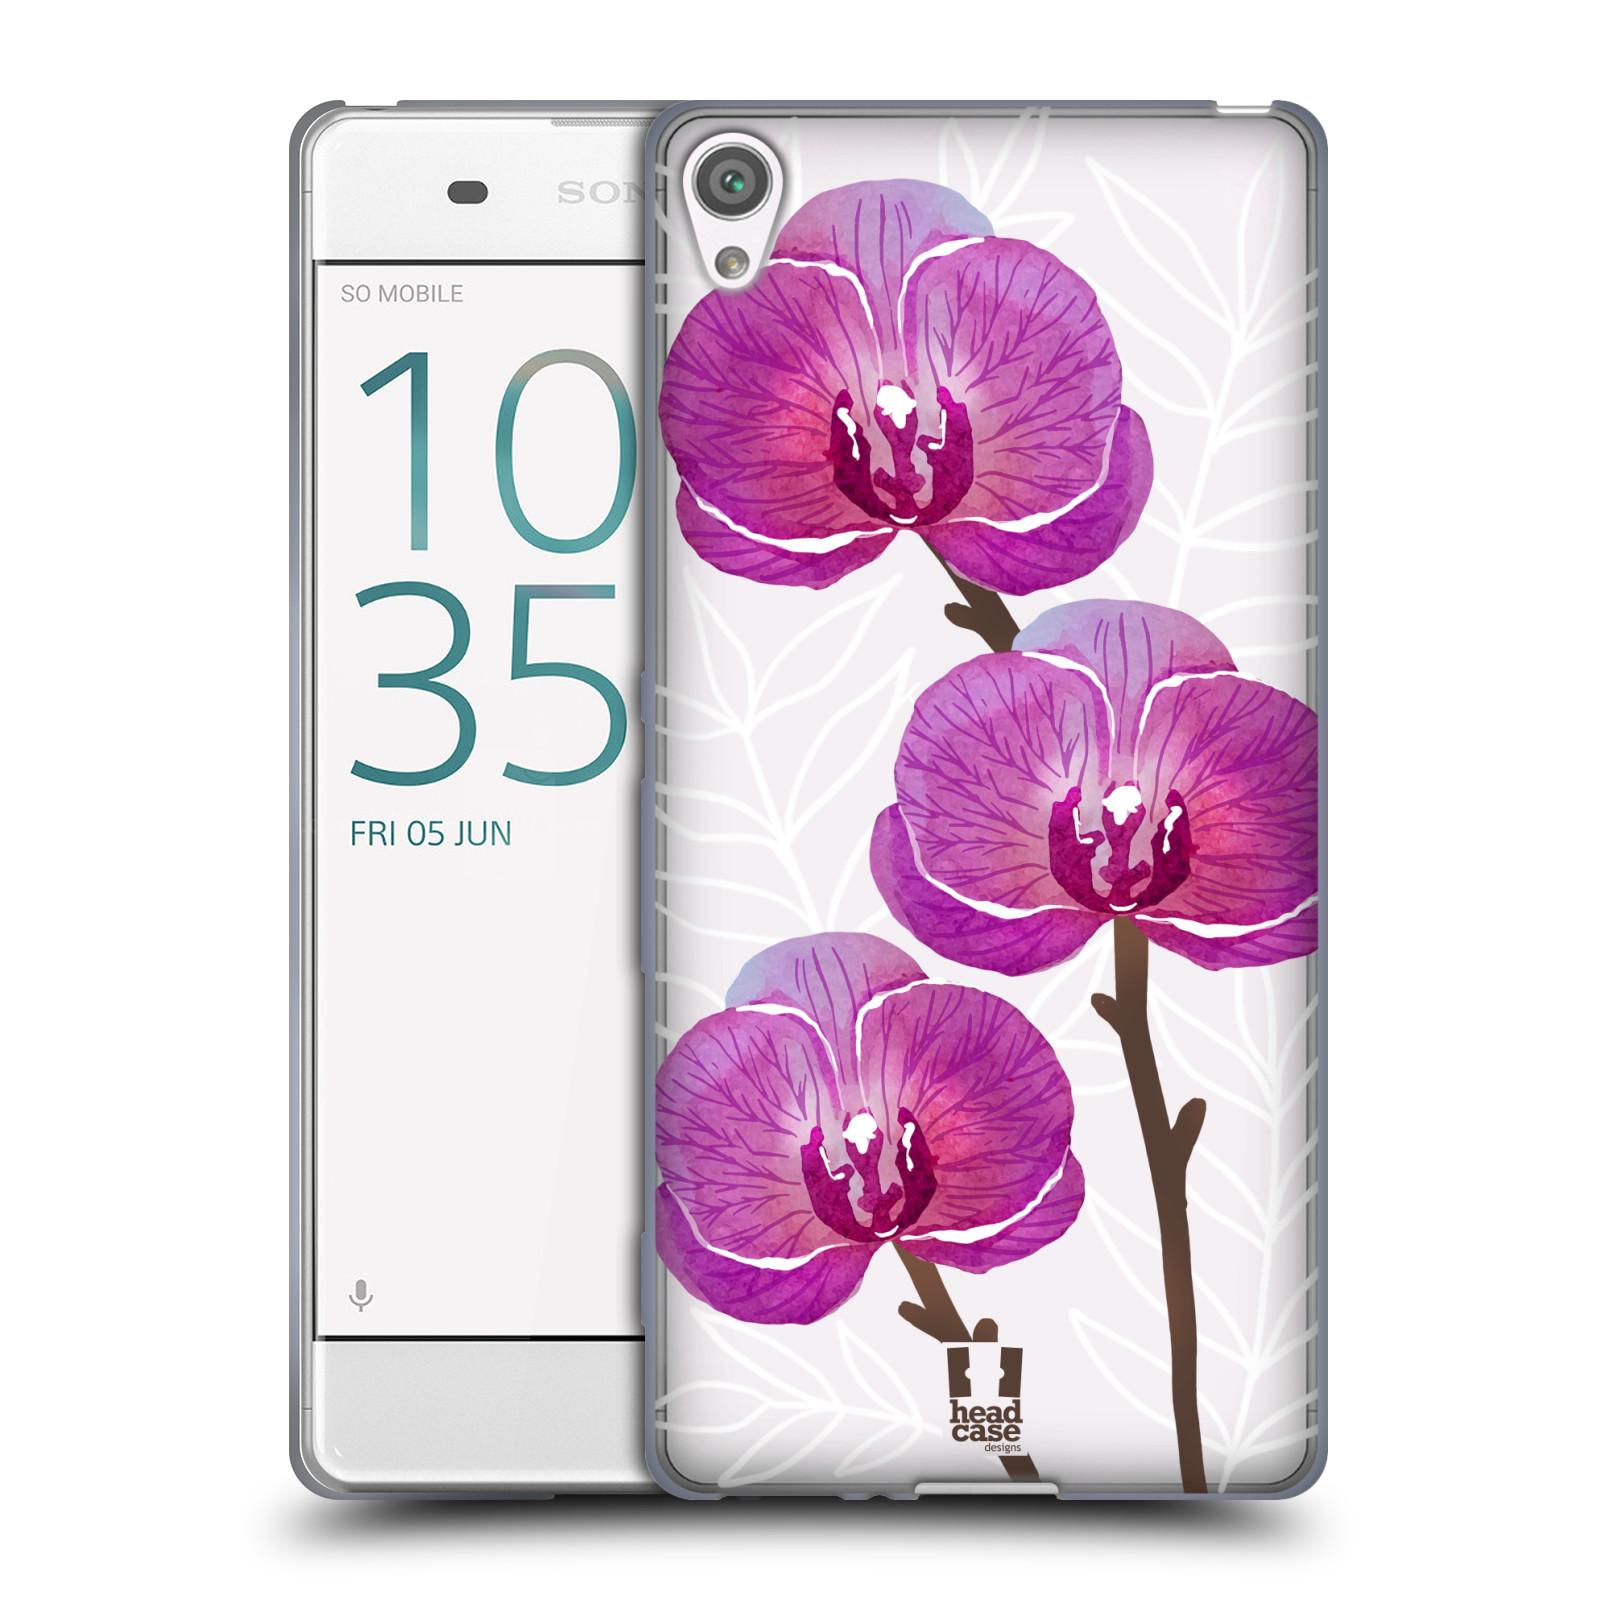 Silikonové pouzdro na mobil Sony Xperia XA - Head Case - Hezoučké kvítky - průhledné